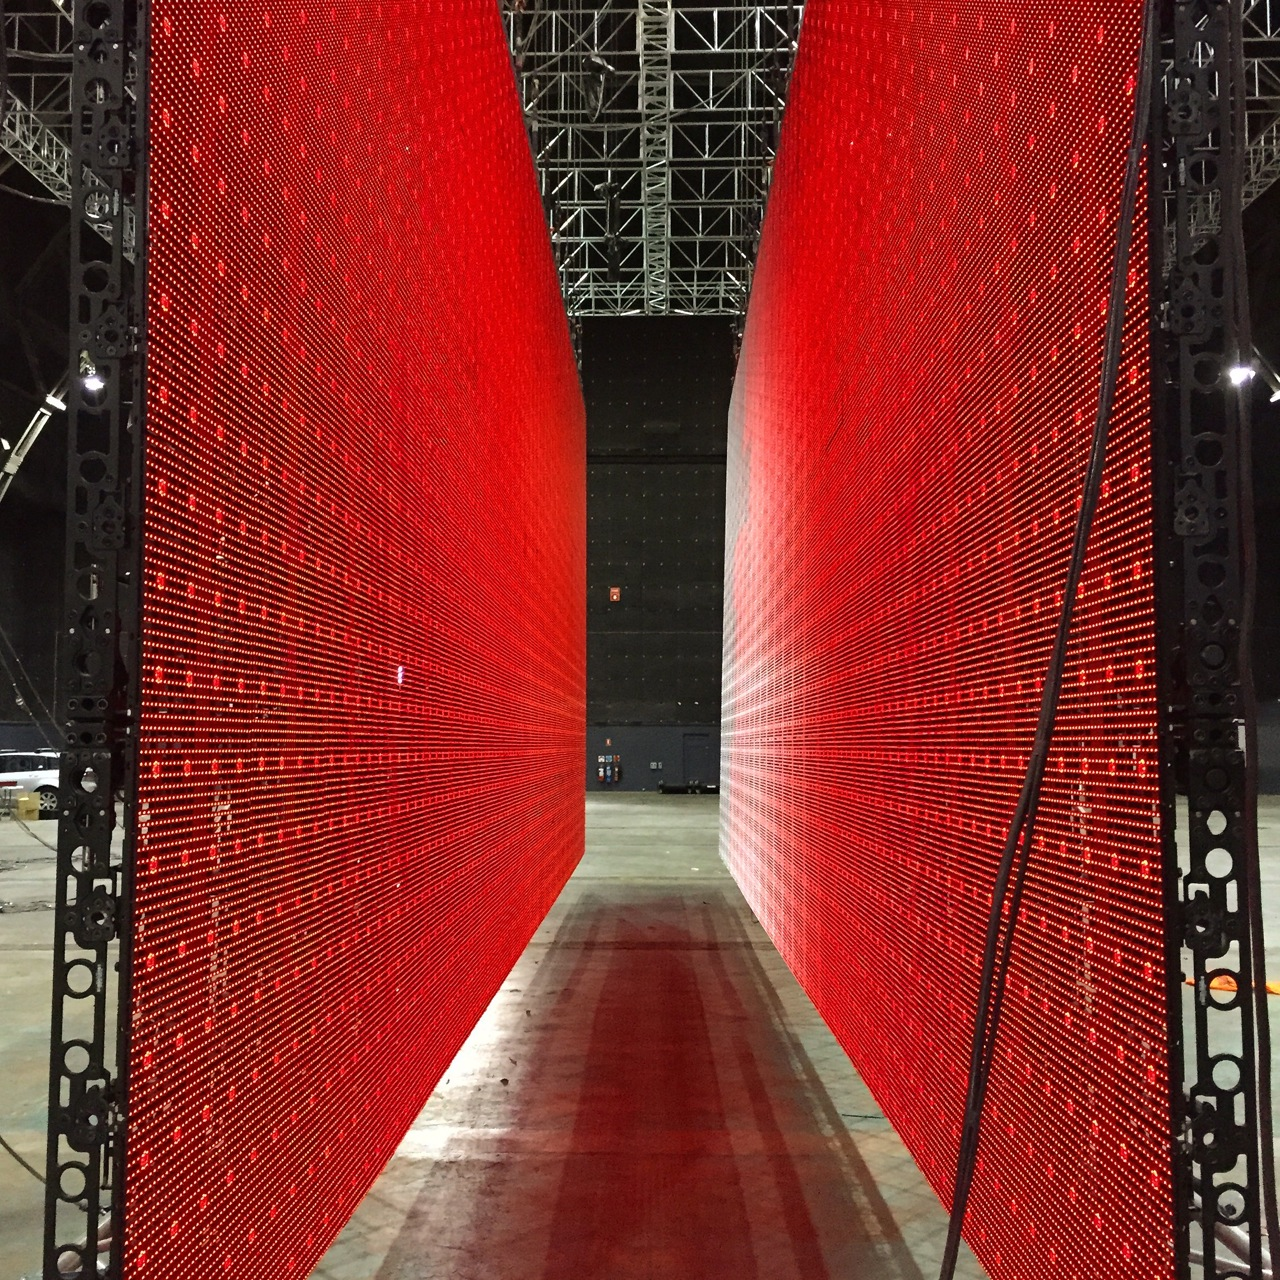 15 m long LED lighting panel hanging 8.9 tonne.